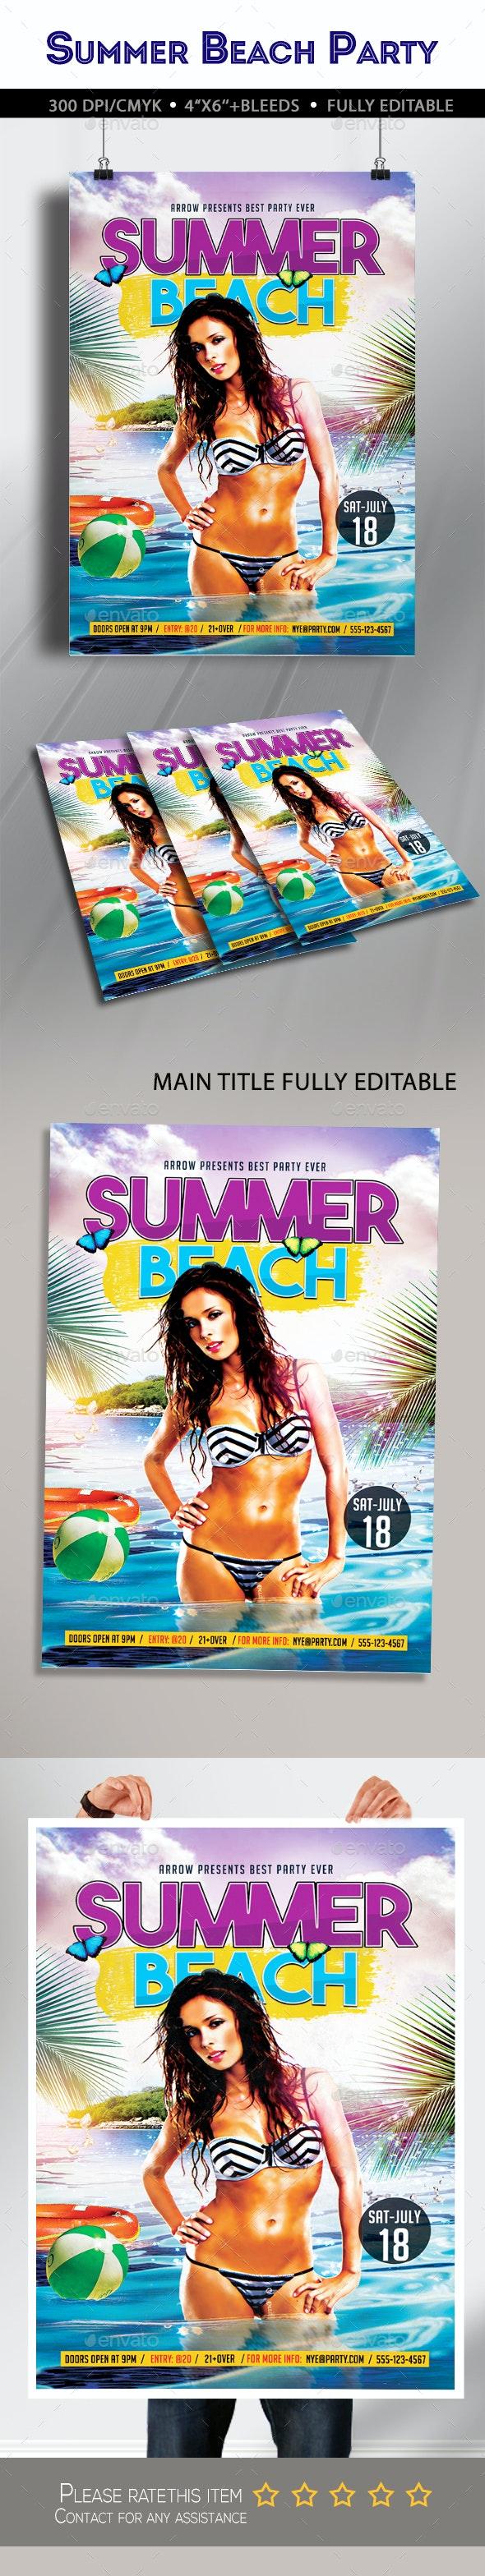 Summer Beach Flyer - Clubs & Parties Events